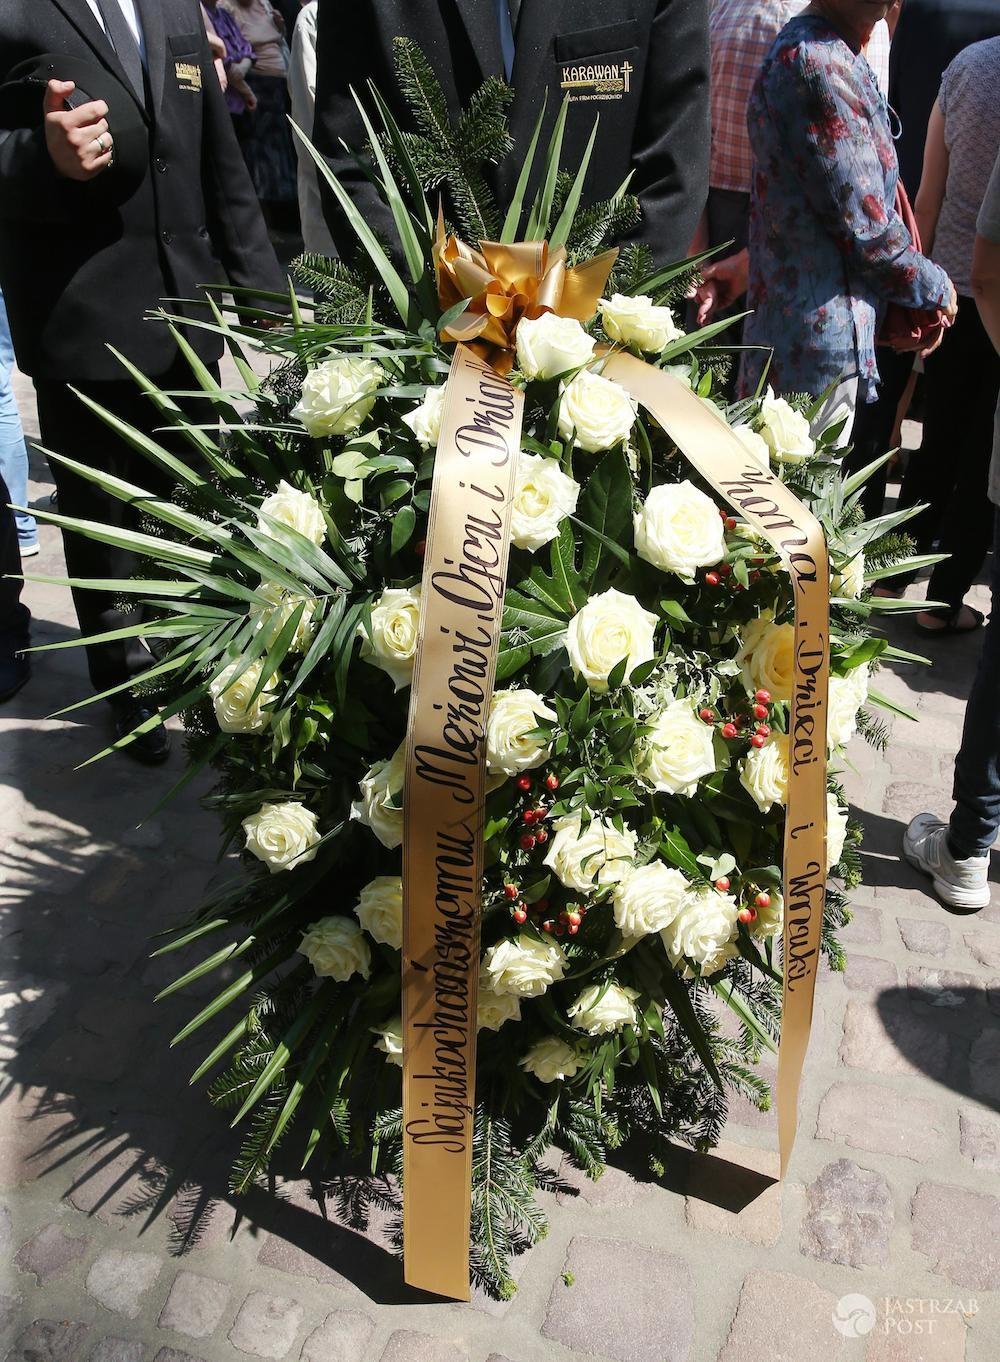 Pogrzeb Zbigniewa Wodeckiego. Tłumy ludzi i wzruszające przemowy - Zdjęcia z pogrzebu Zbigniewa Wodeckiego